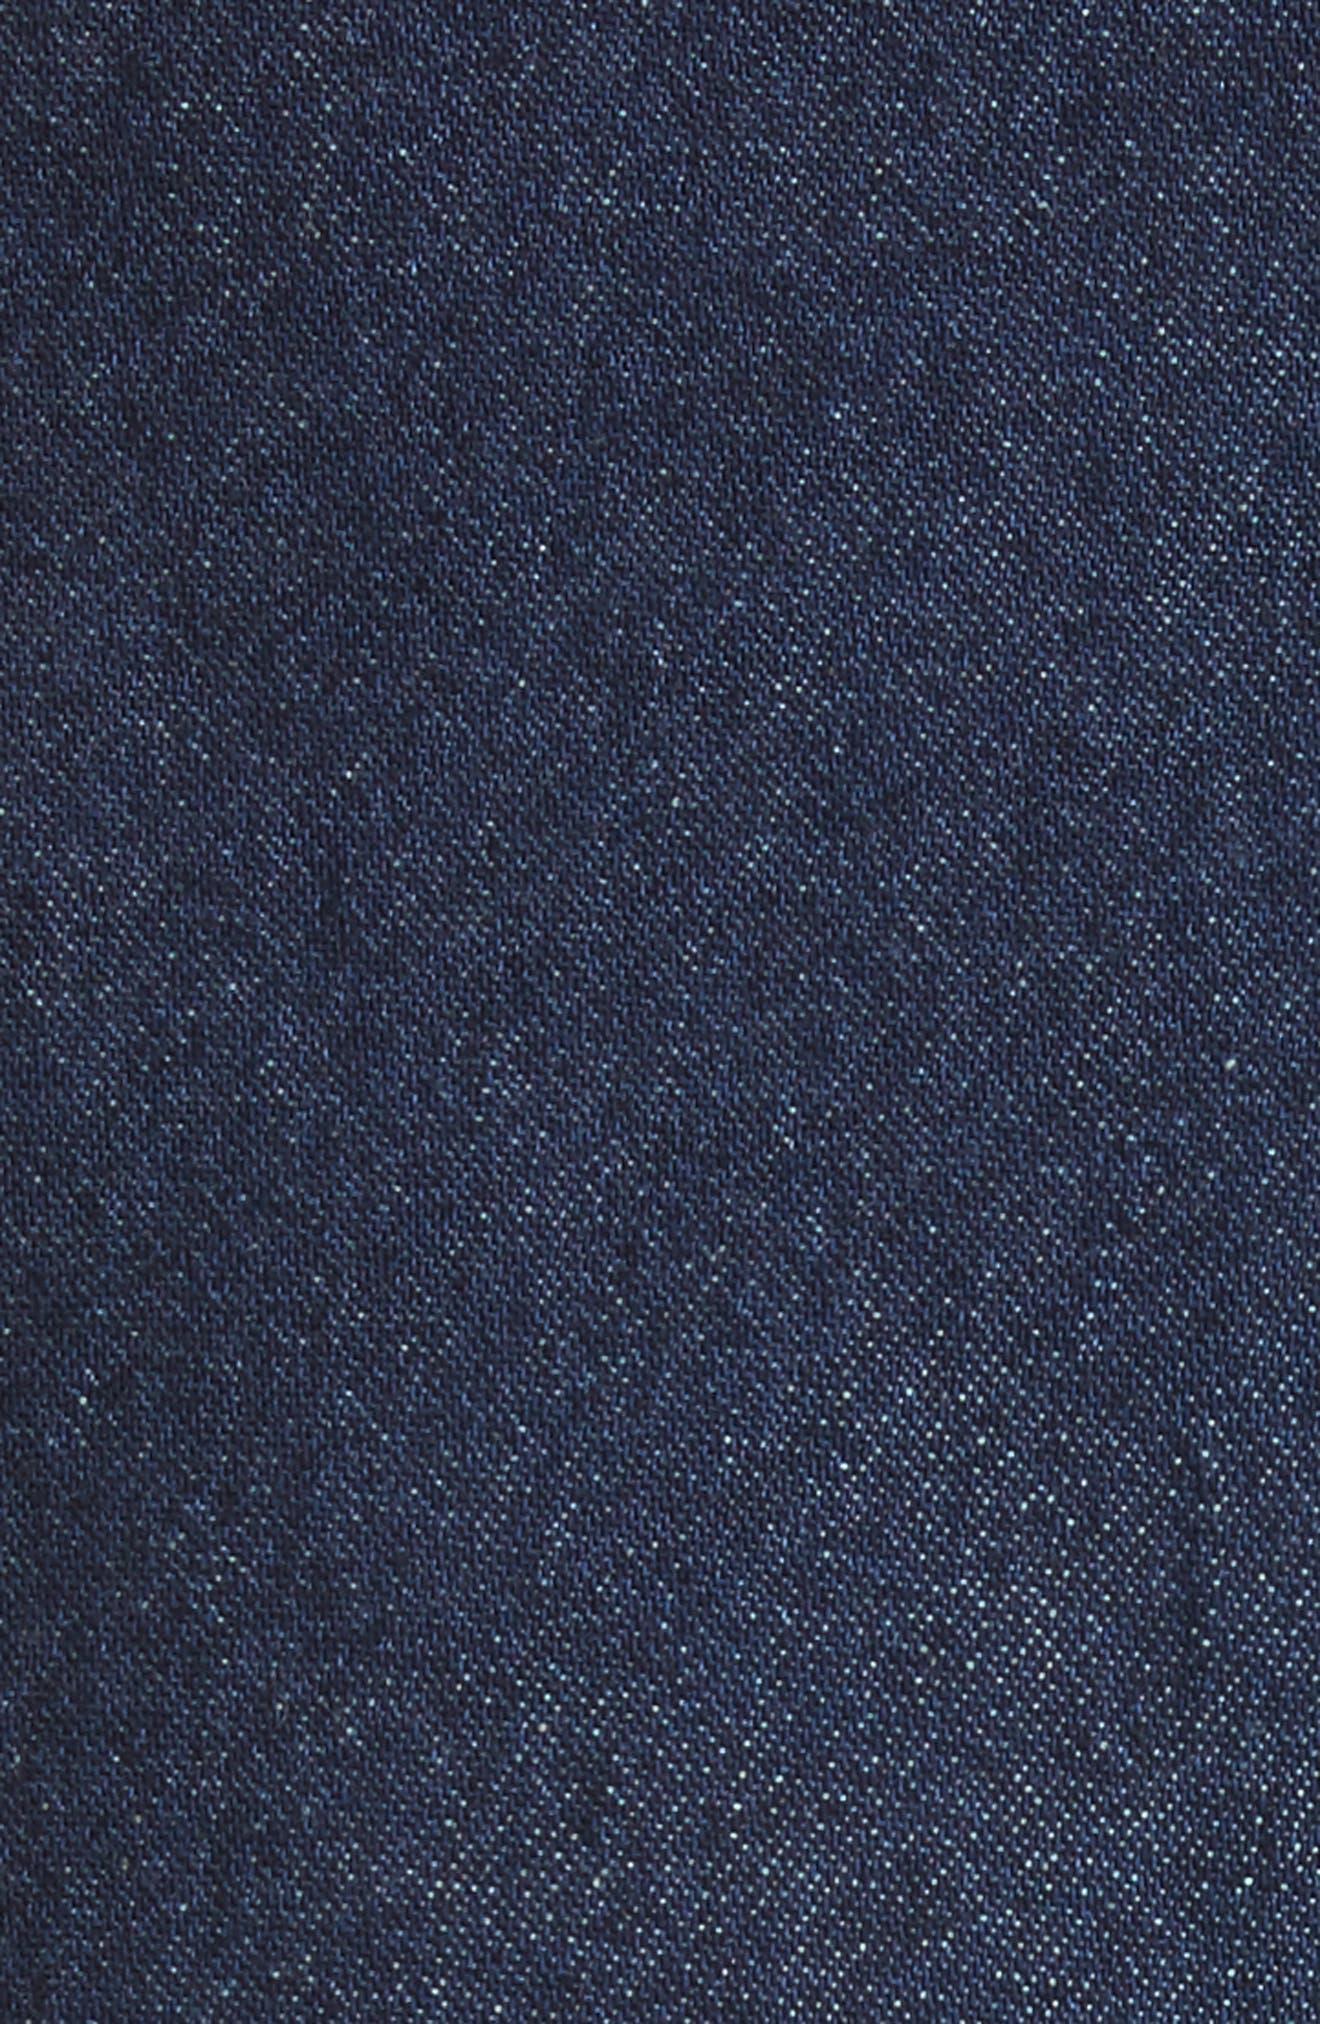 Dune Imitation Pearl Trim Wide Leg Crop Jeans,                             Alternate thumbnail 5, color,                             400